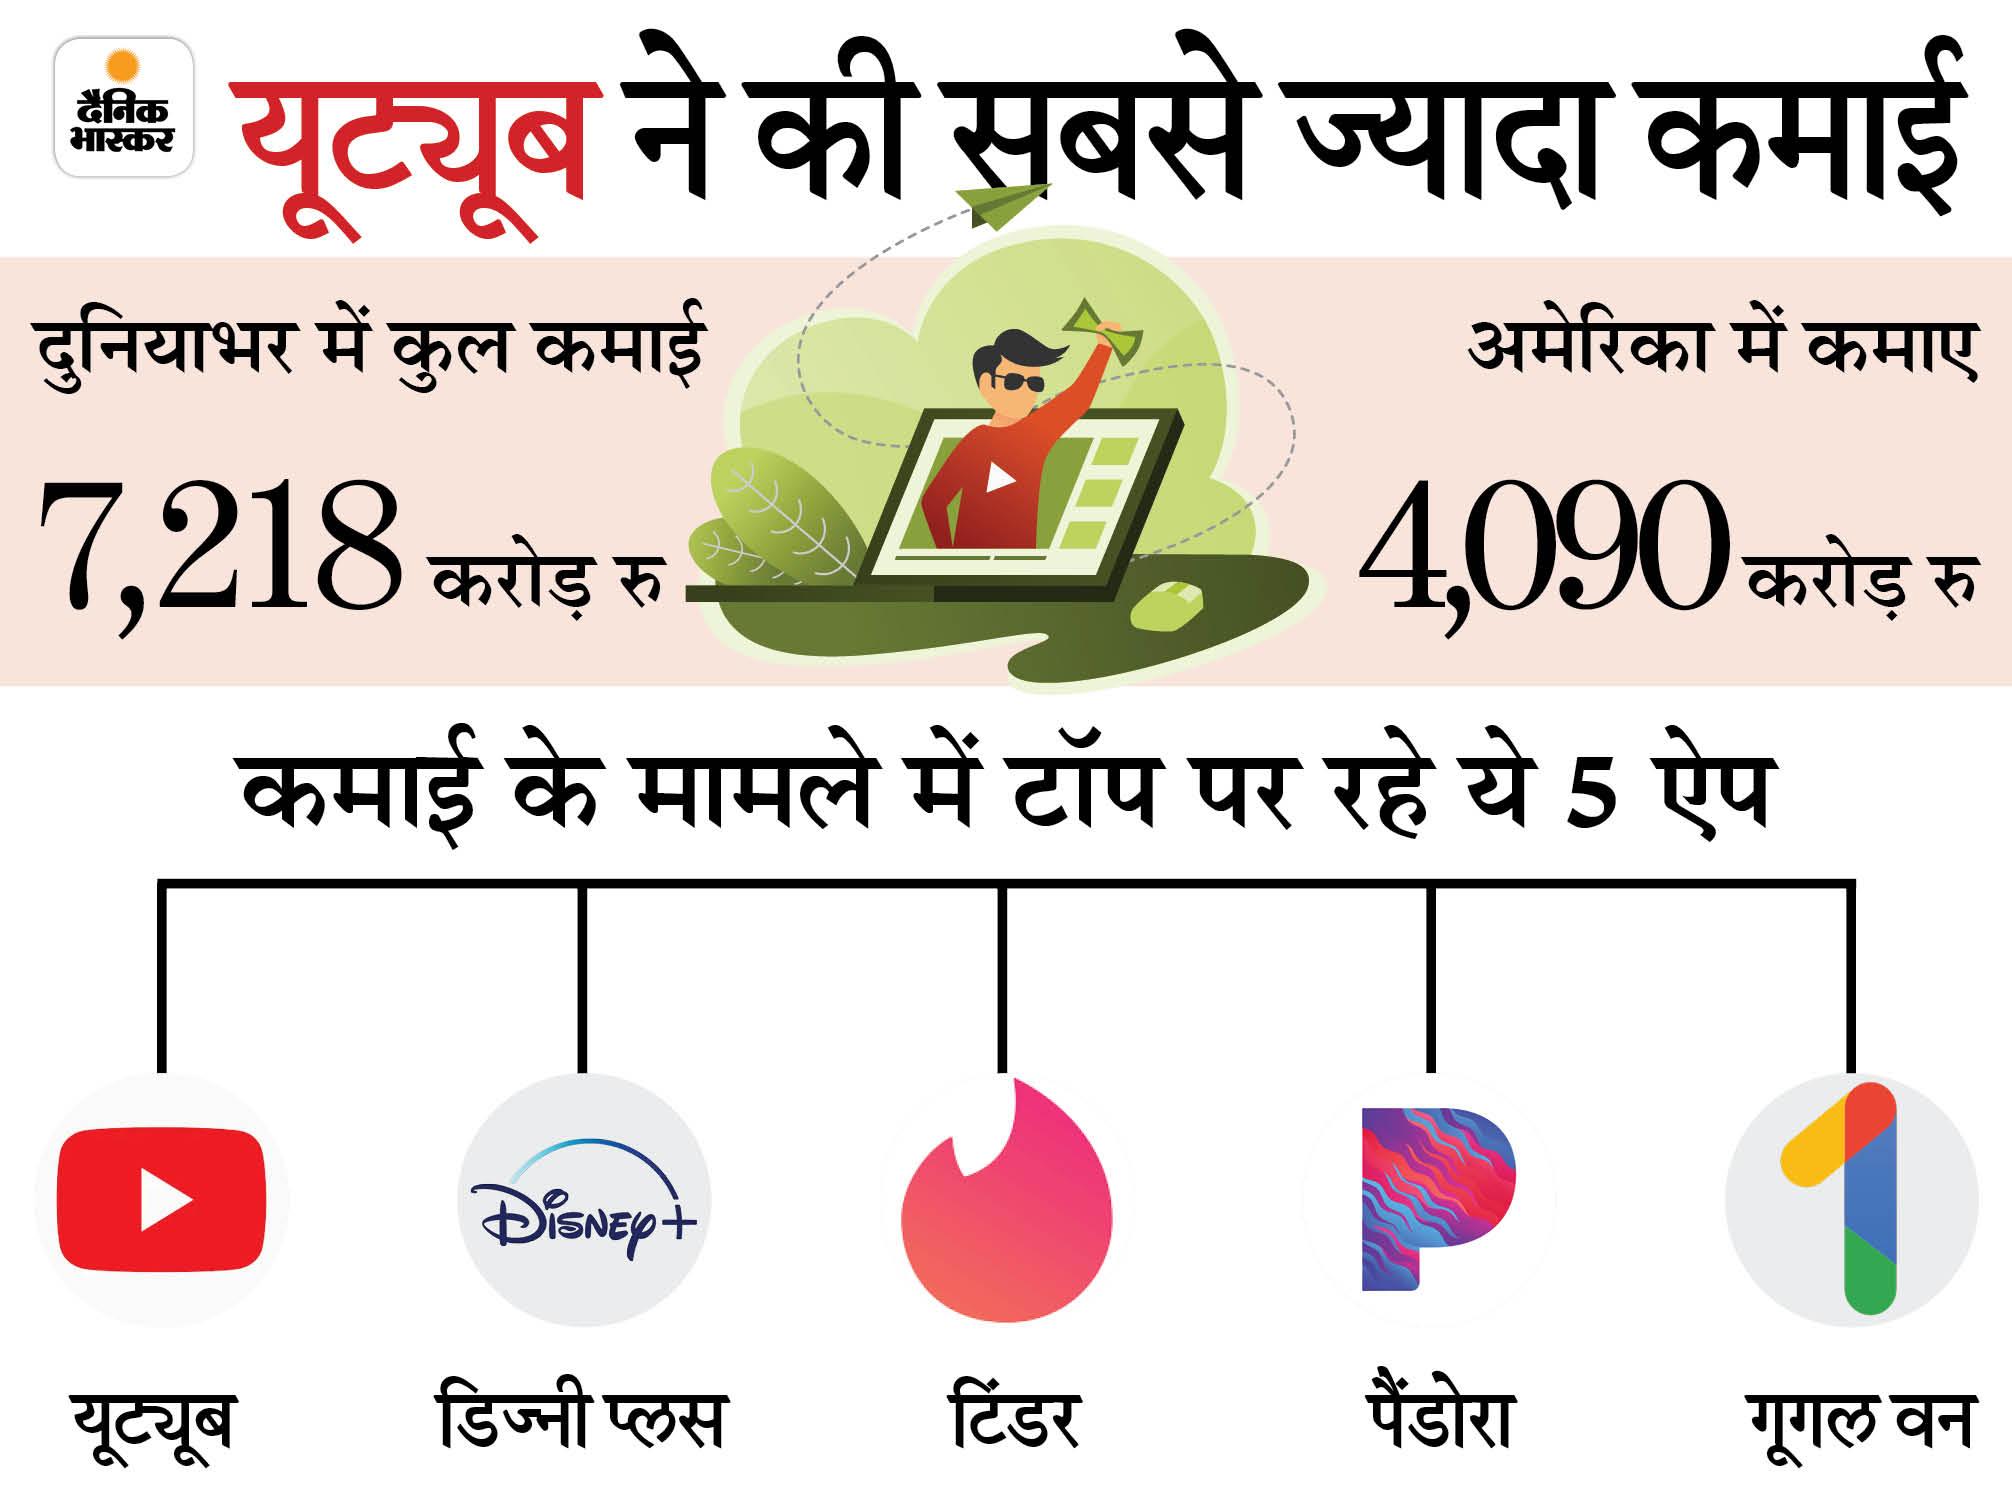 साल 2020 में टॉप 100 सब्सक्रिप्शन ऐप्स ने दुनियाभर में कमाए 94, 627 करोड़ रुपए, यह 34% की सालाना बढ़त|टेक & ऑटो,Tech & Auto - Dainik Bhaskar